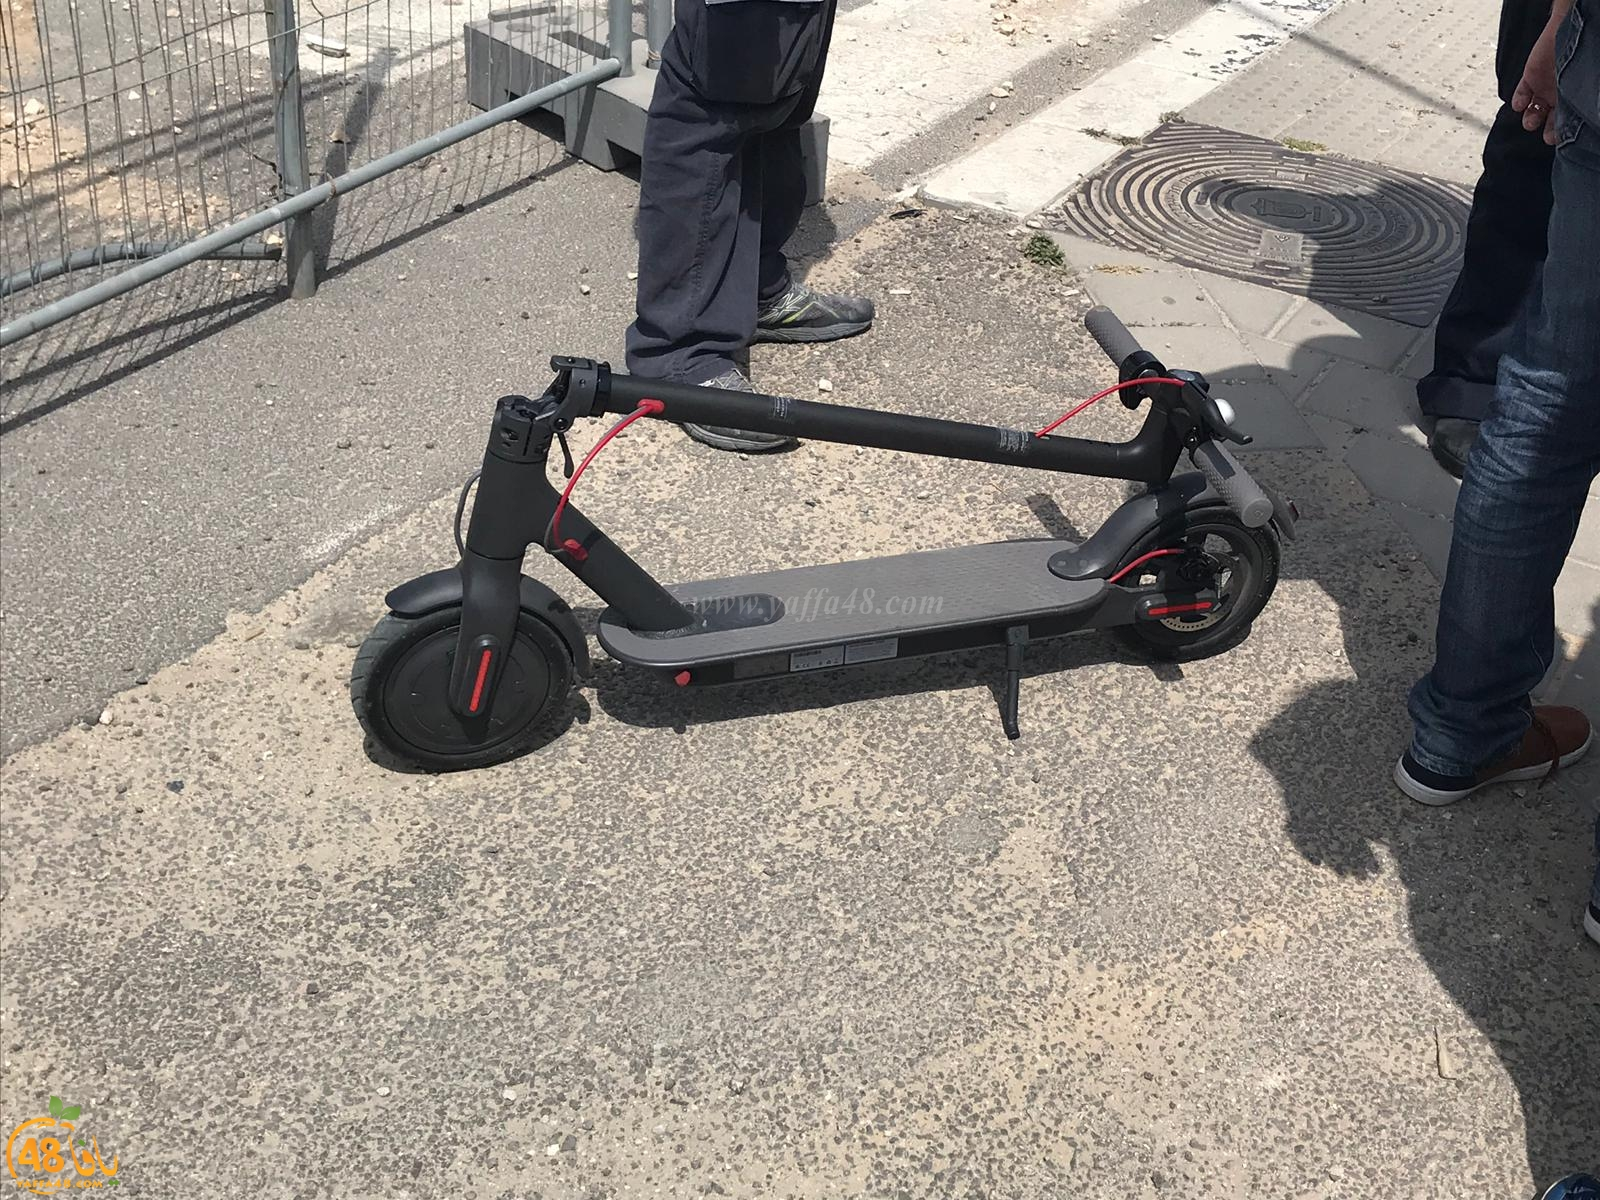 اصابة طفيفة لراكب دراجة كهربائية بحادث ذاتي في يافا